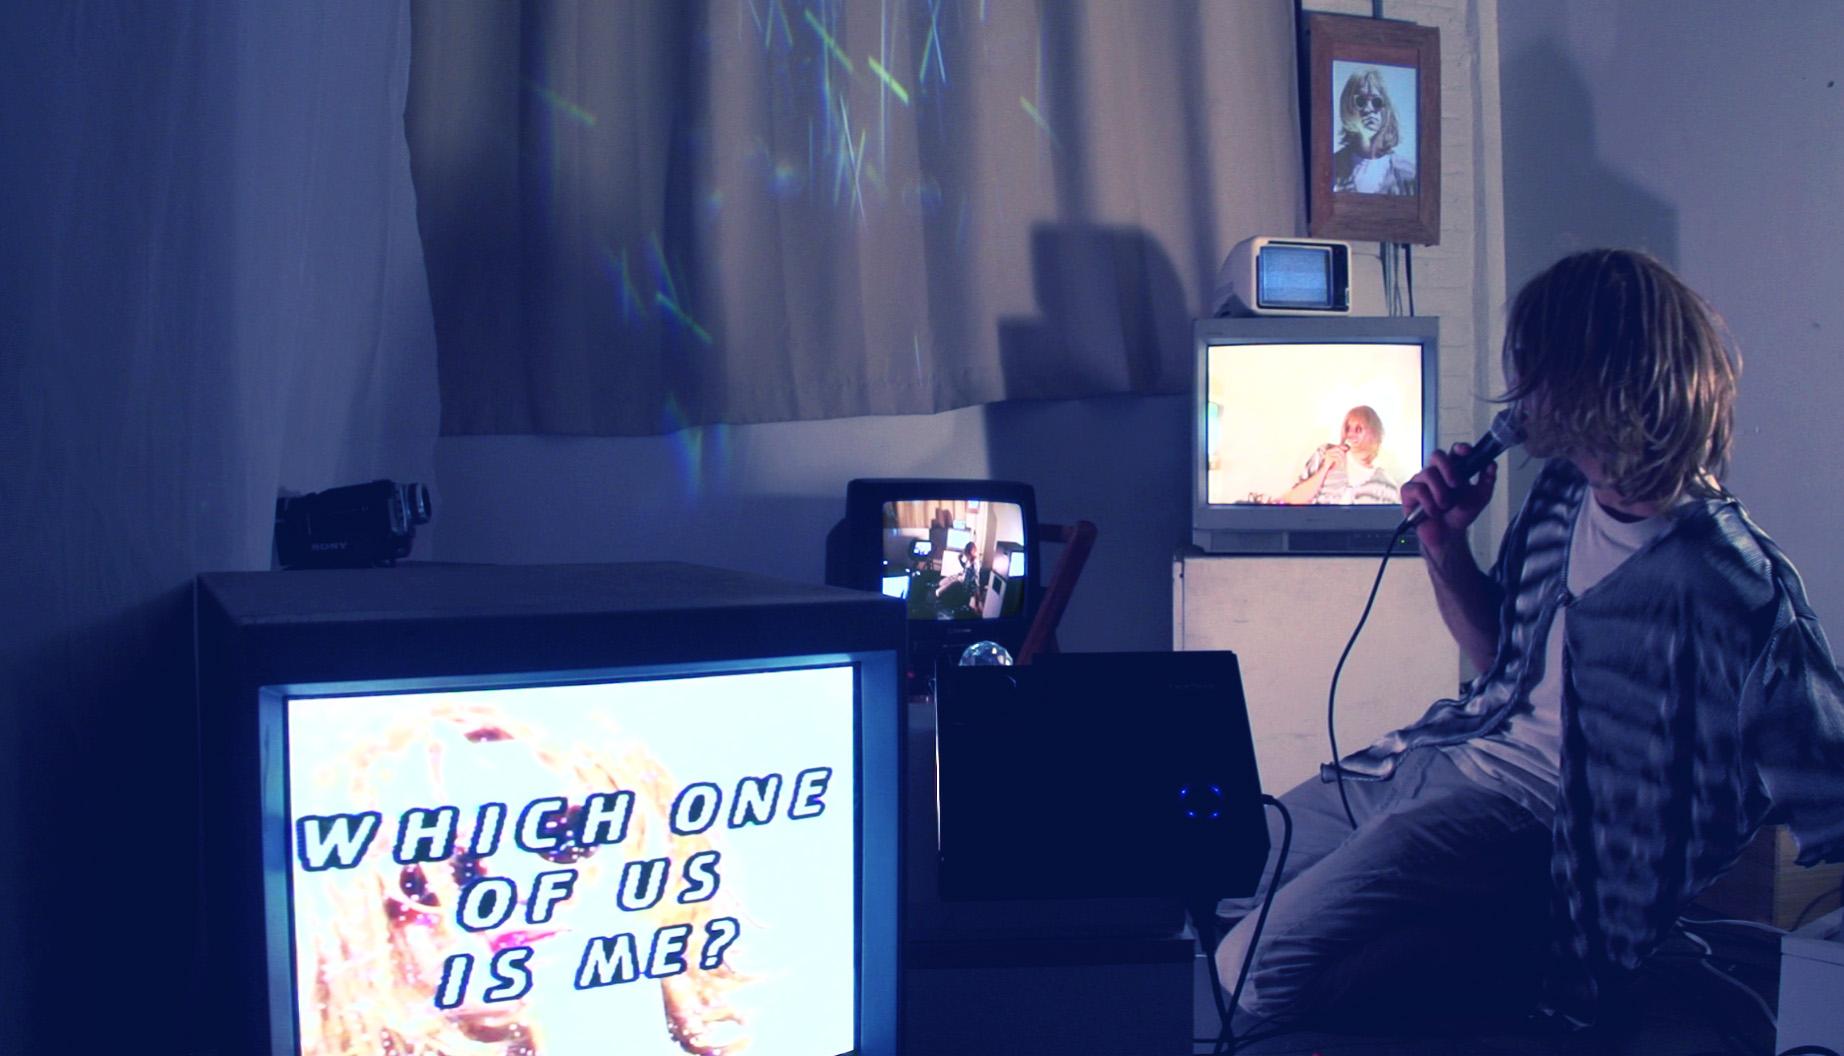 VIDEOPROGRAM_doc22.jpg